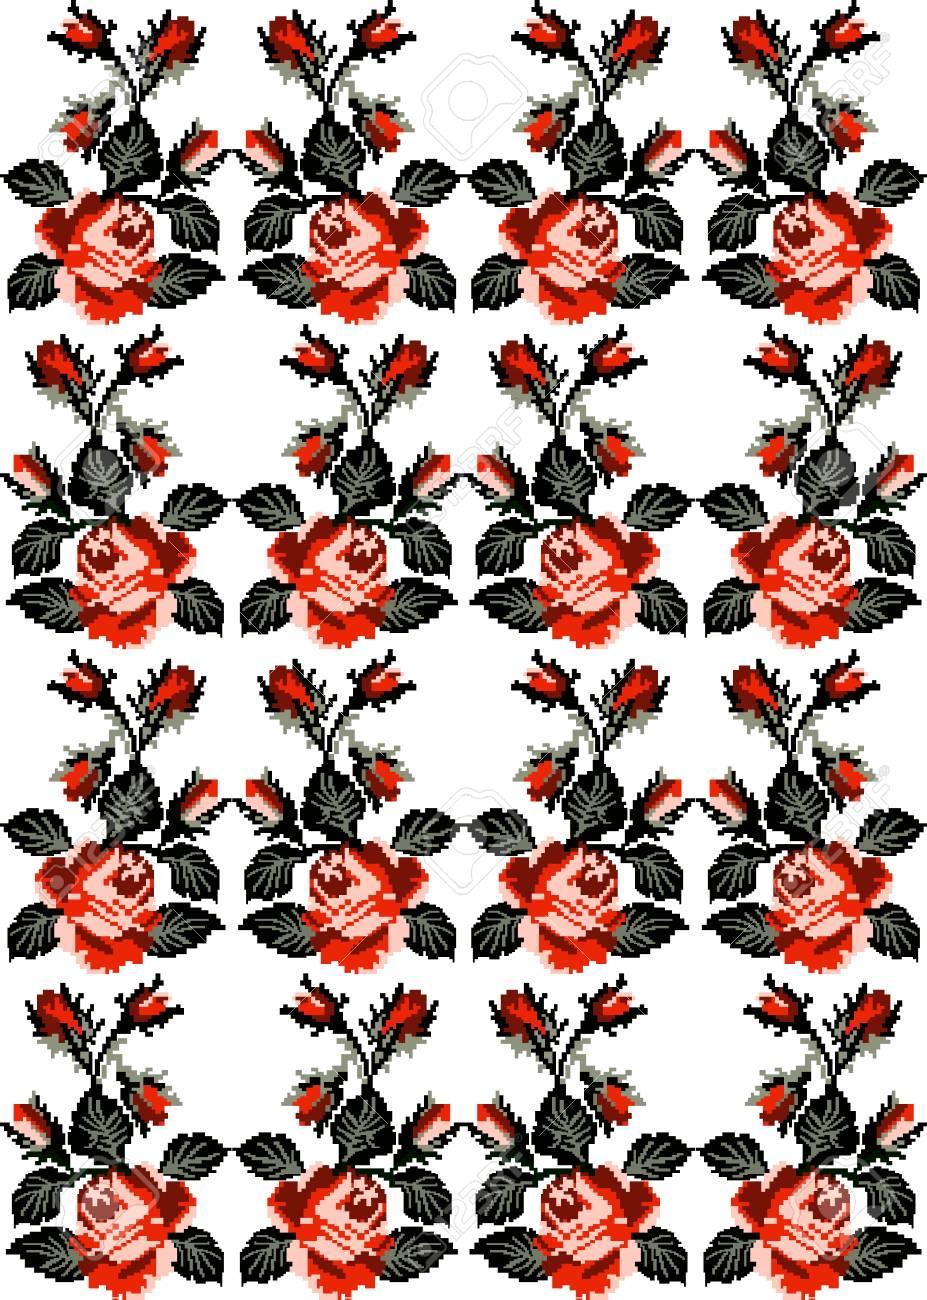 Image En Couleur De Fleurs Roses En Utilisant Des éléments De Broderie Ukrainiens Traditionnels Peut être Utilisé Comme Pixel Art Modèle Sans